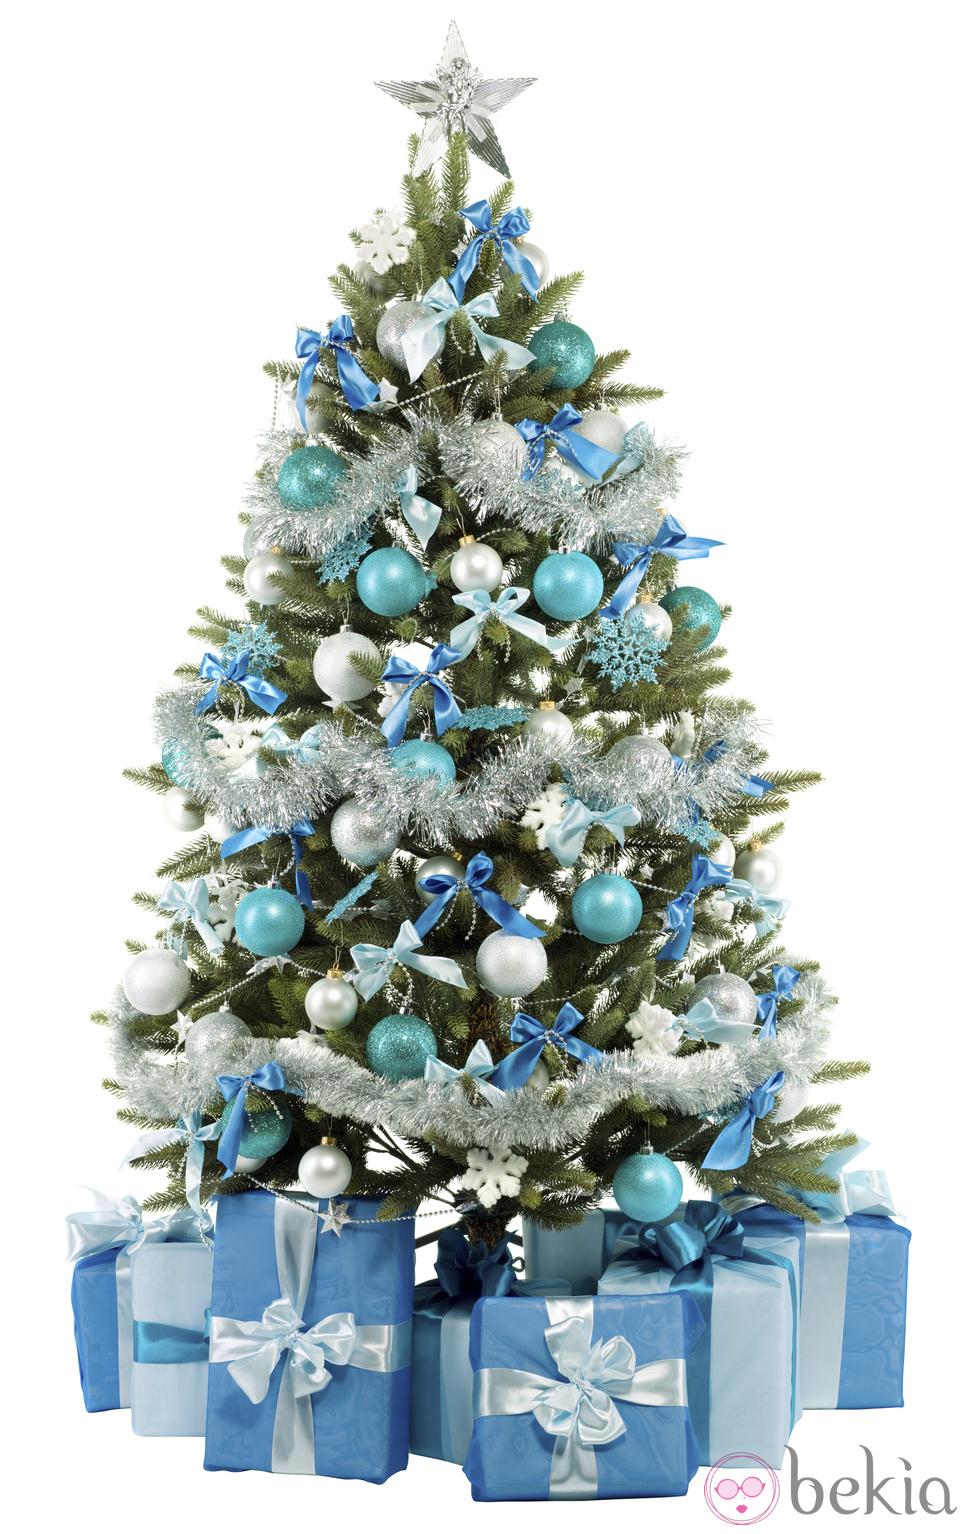 Manualidades decoraci n pintura rbol de navidad en - Imagenes de arboles navidad decorados ...